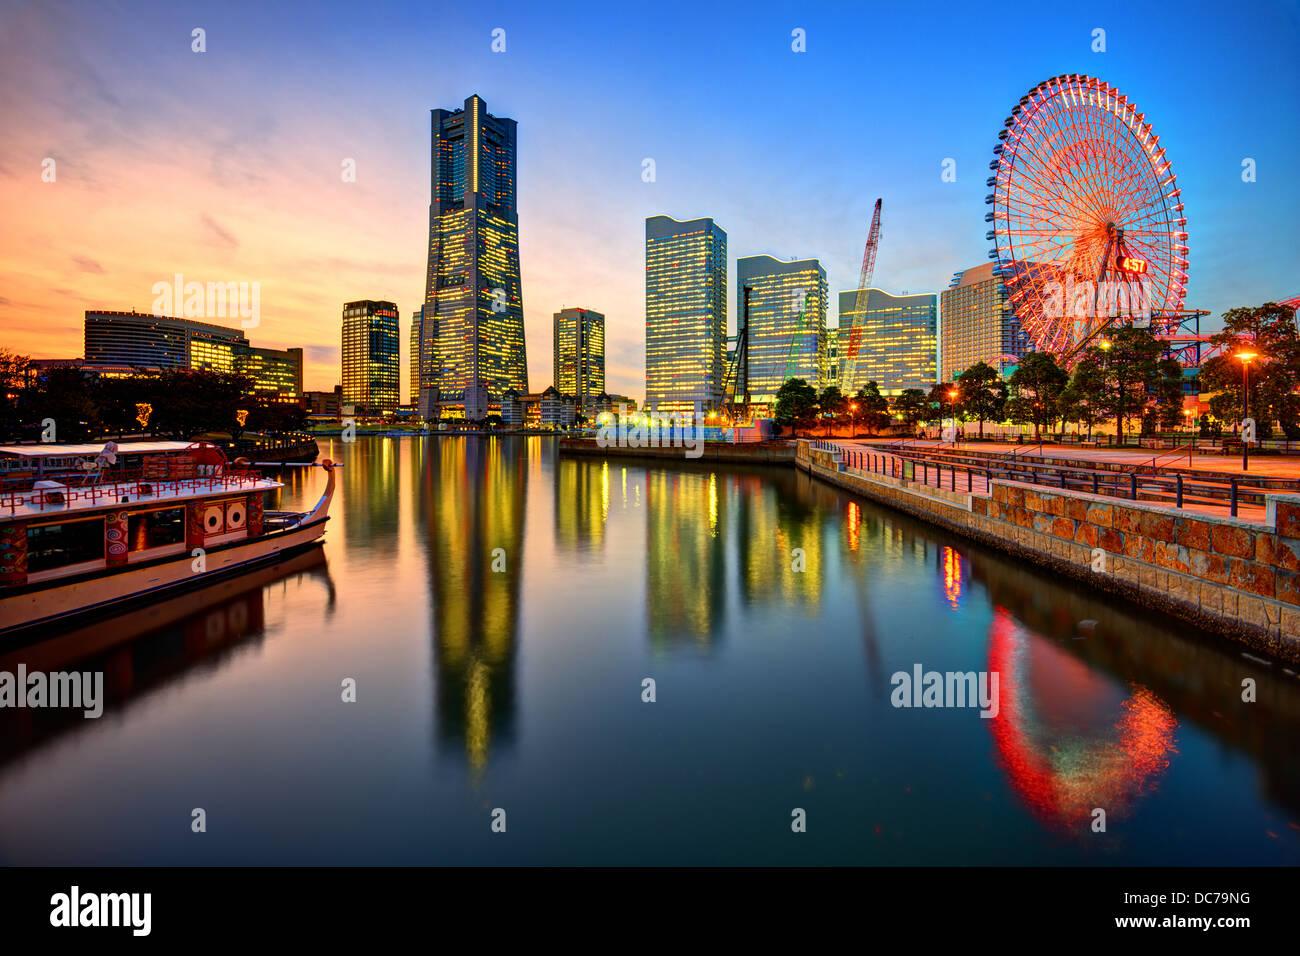 Yokohama, Japan skyline at Minato-mirai at sunset. - Stock Image